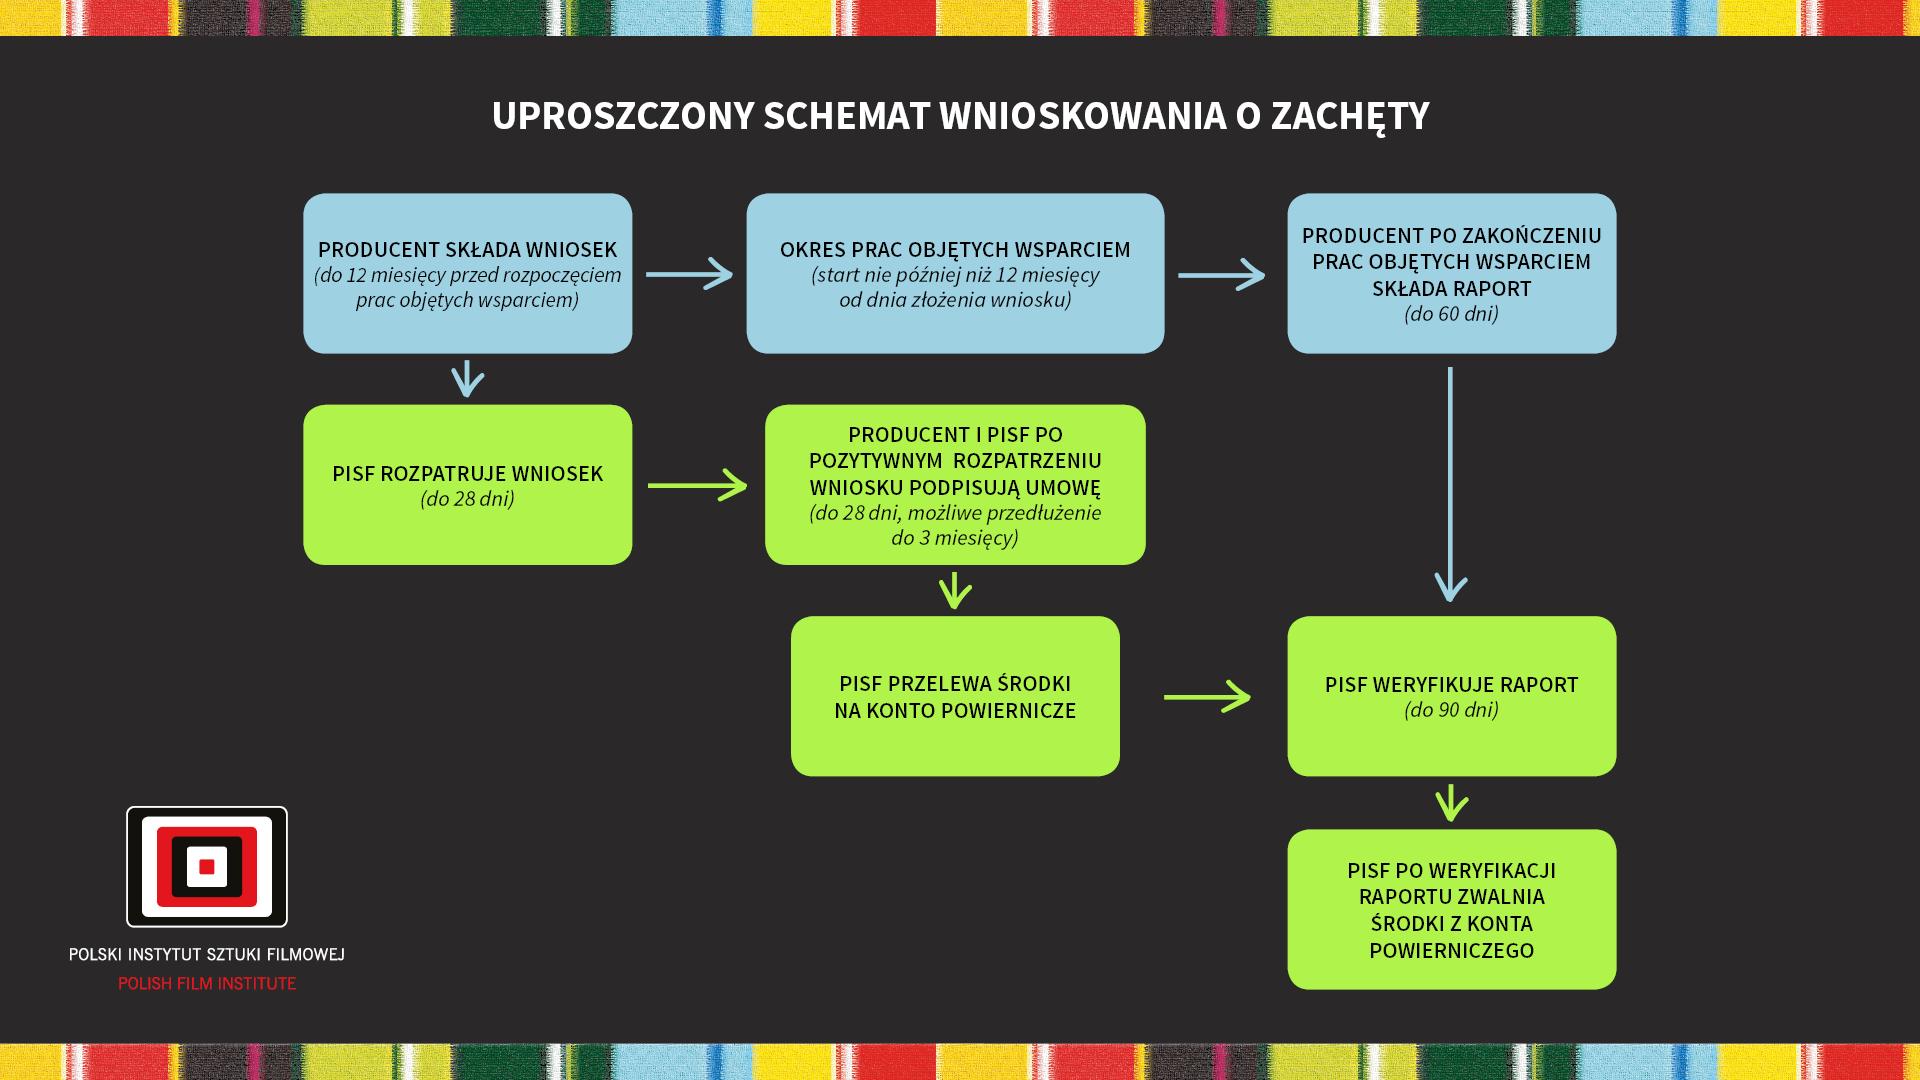 Uproszczony schemat wnioskowania o Zachęty